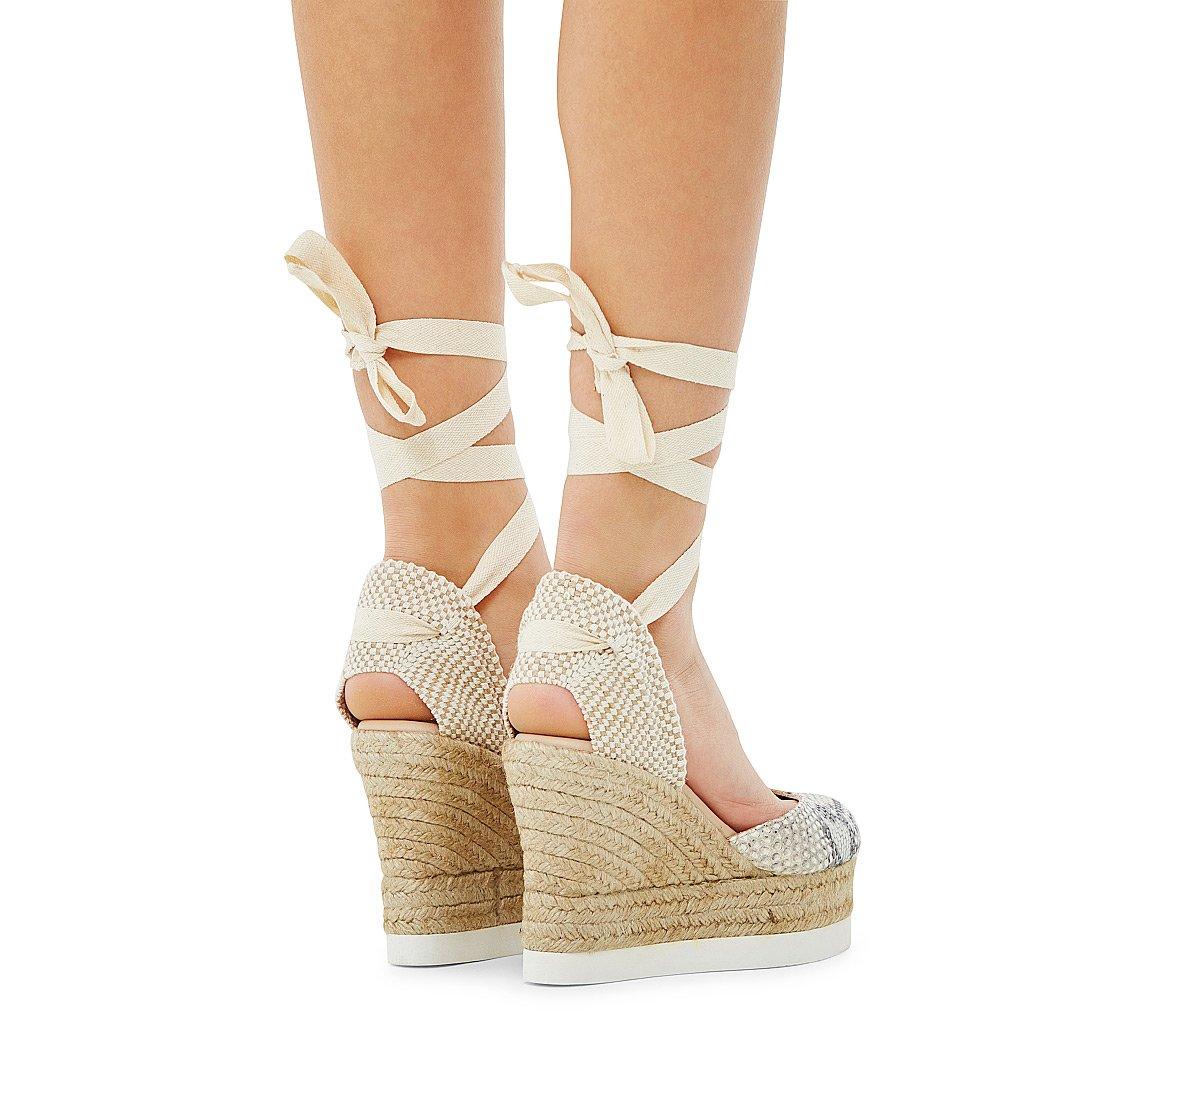 Sandalo in vitello con stampa pitone